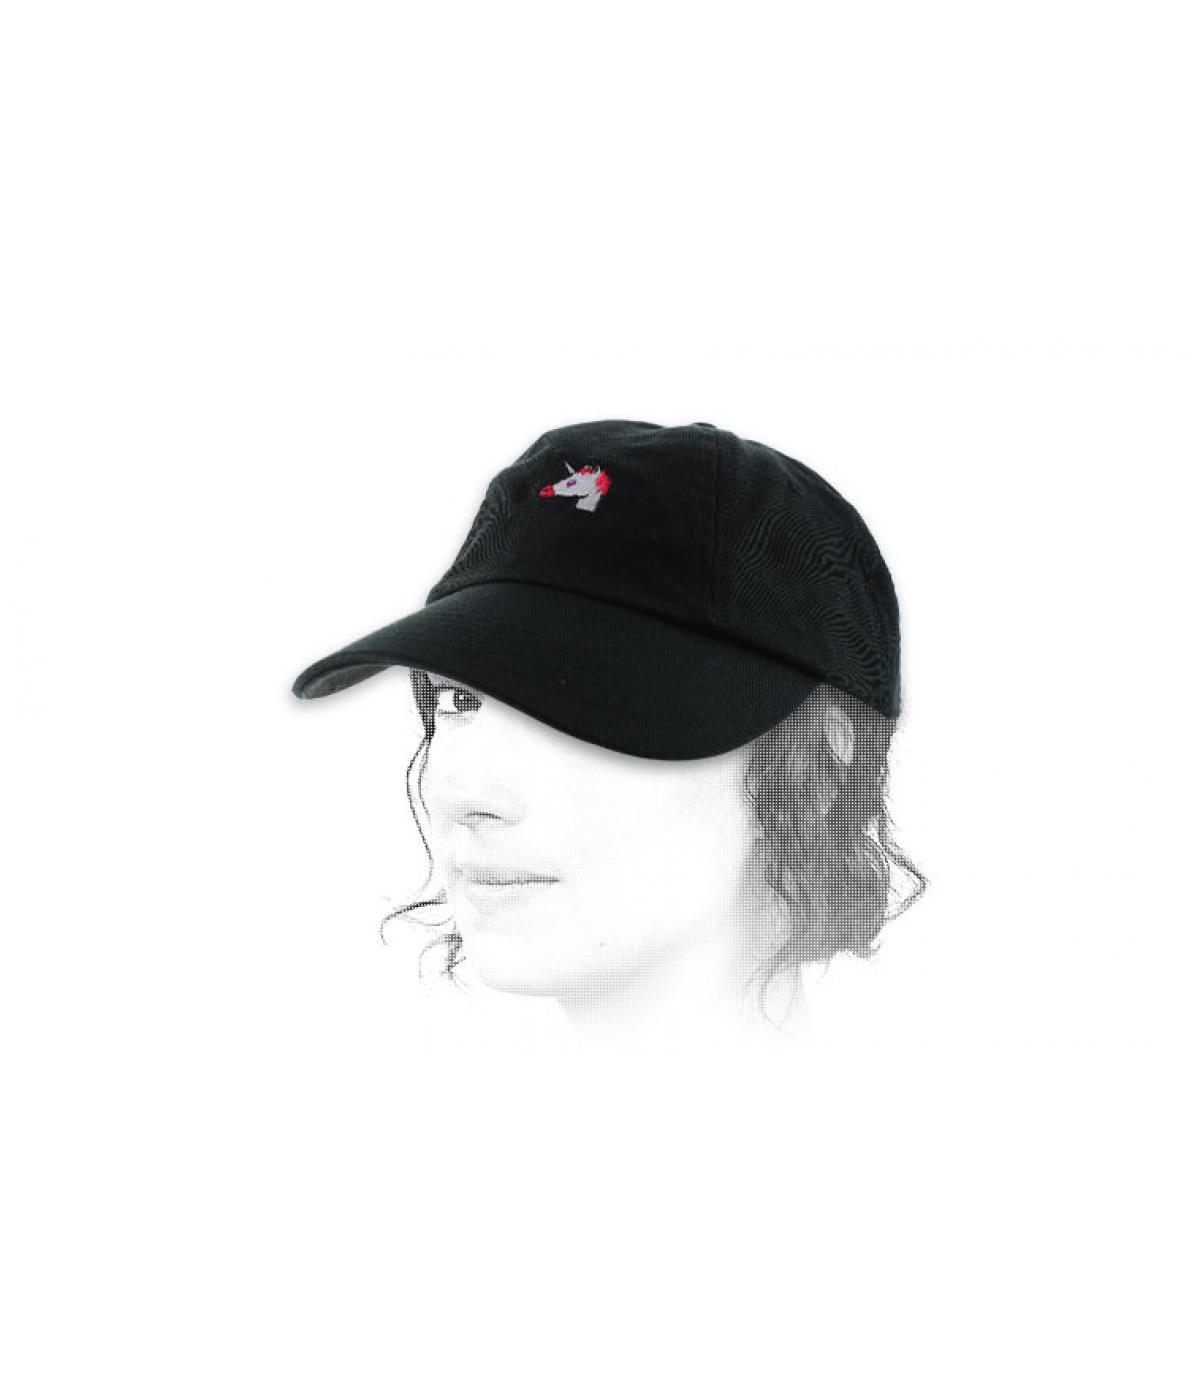 Black unicorn cap